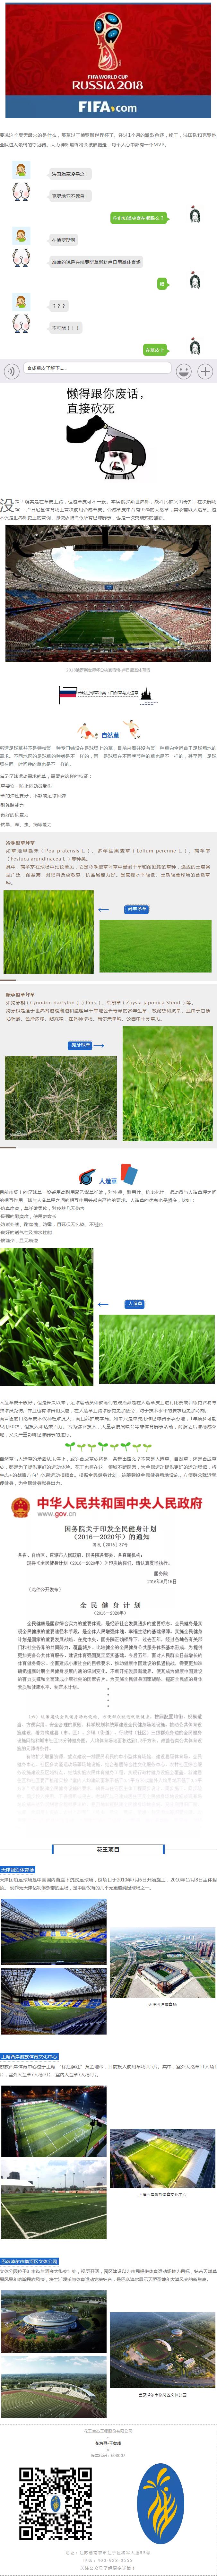 易胜博网站生态工程股份有限公司.png